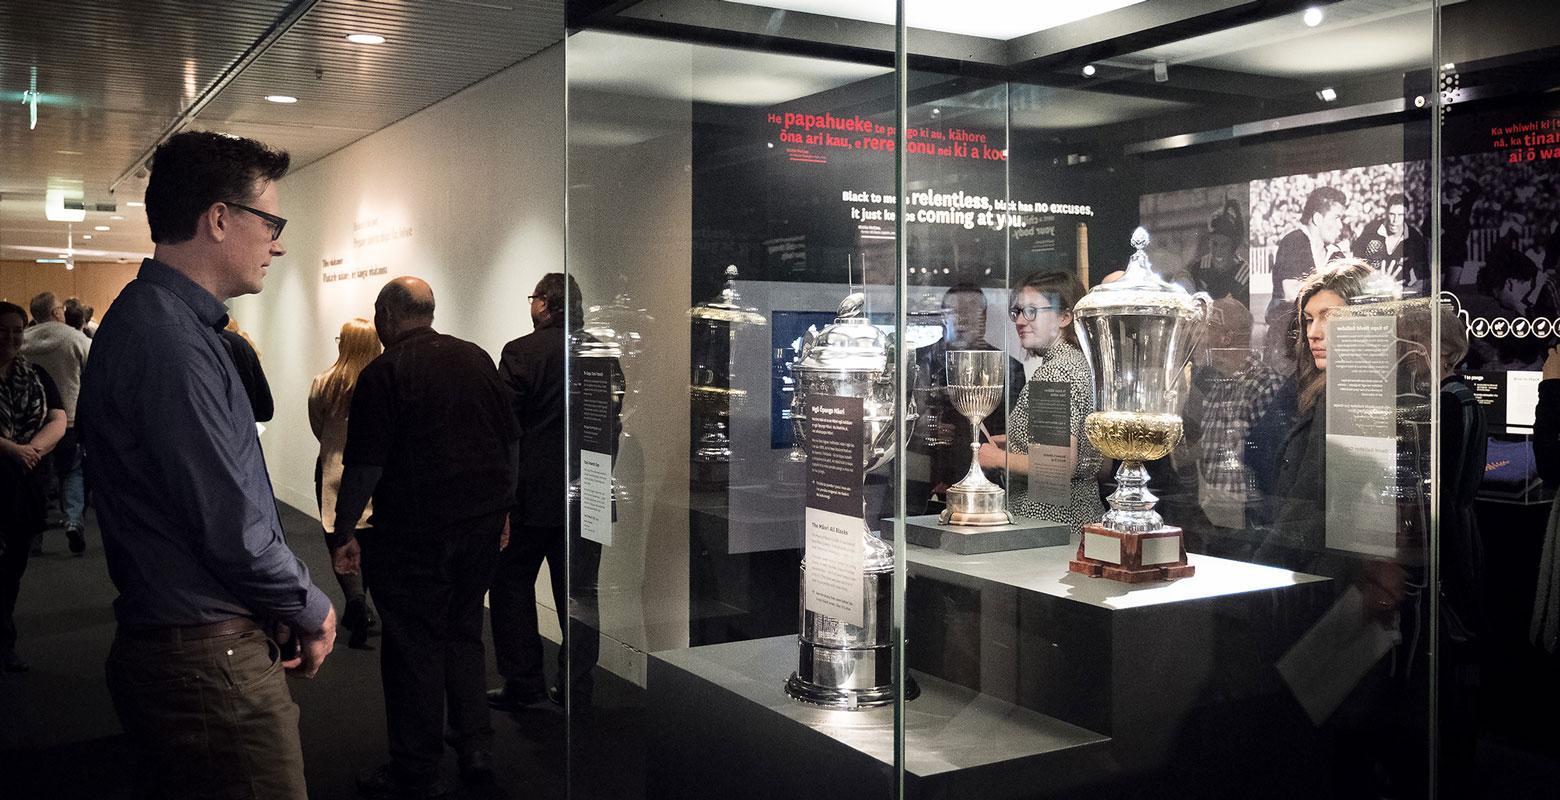 Trophies on display